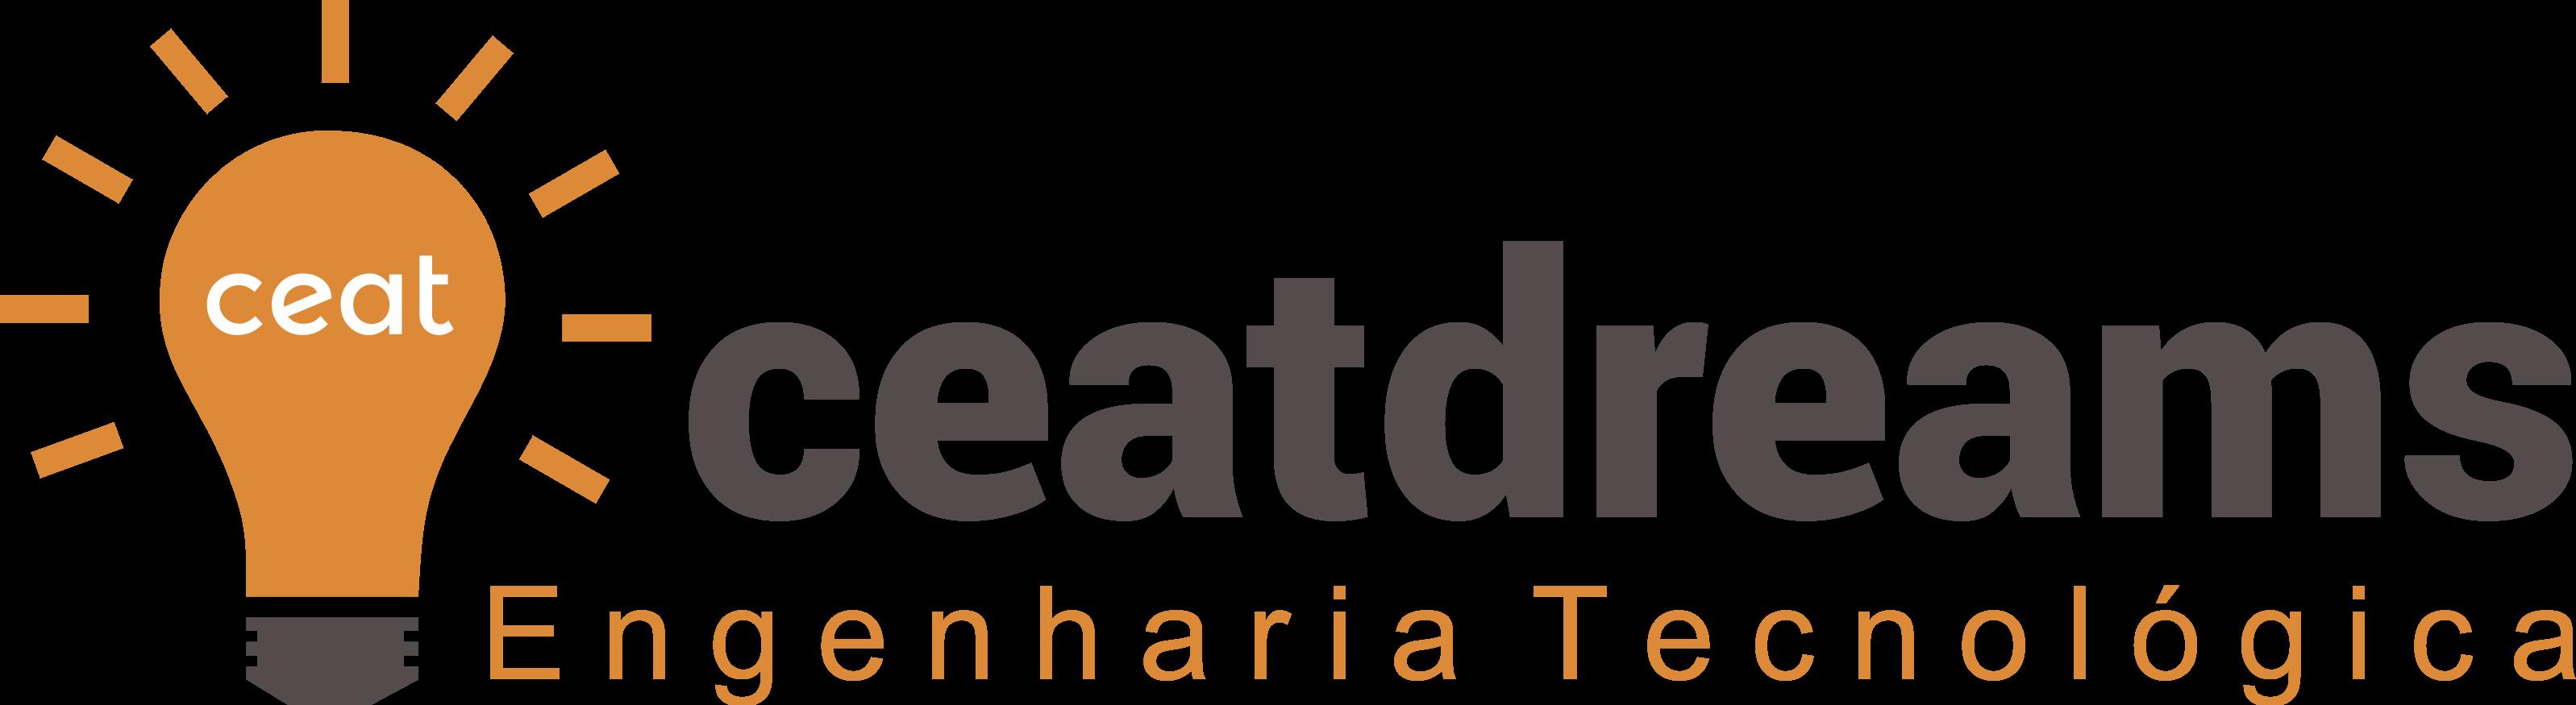 Ceatdreams